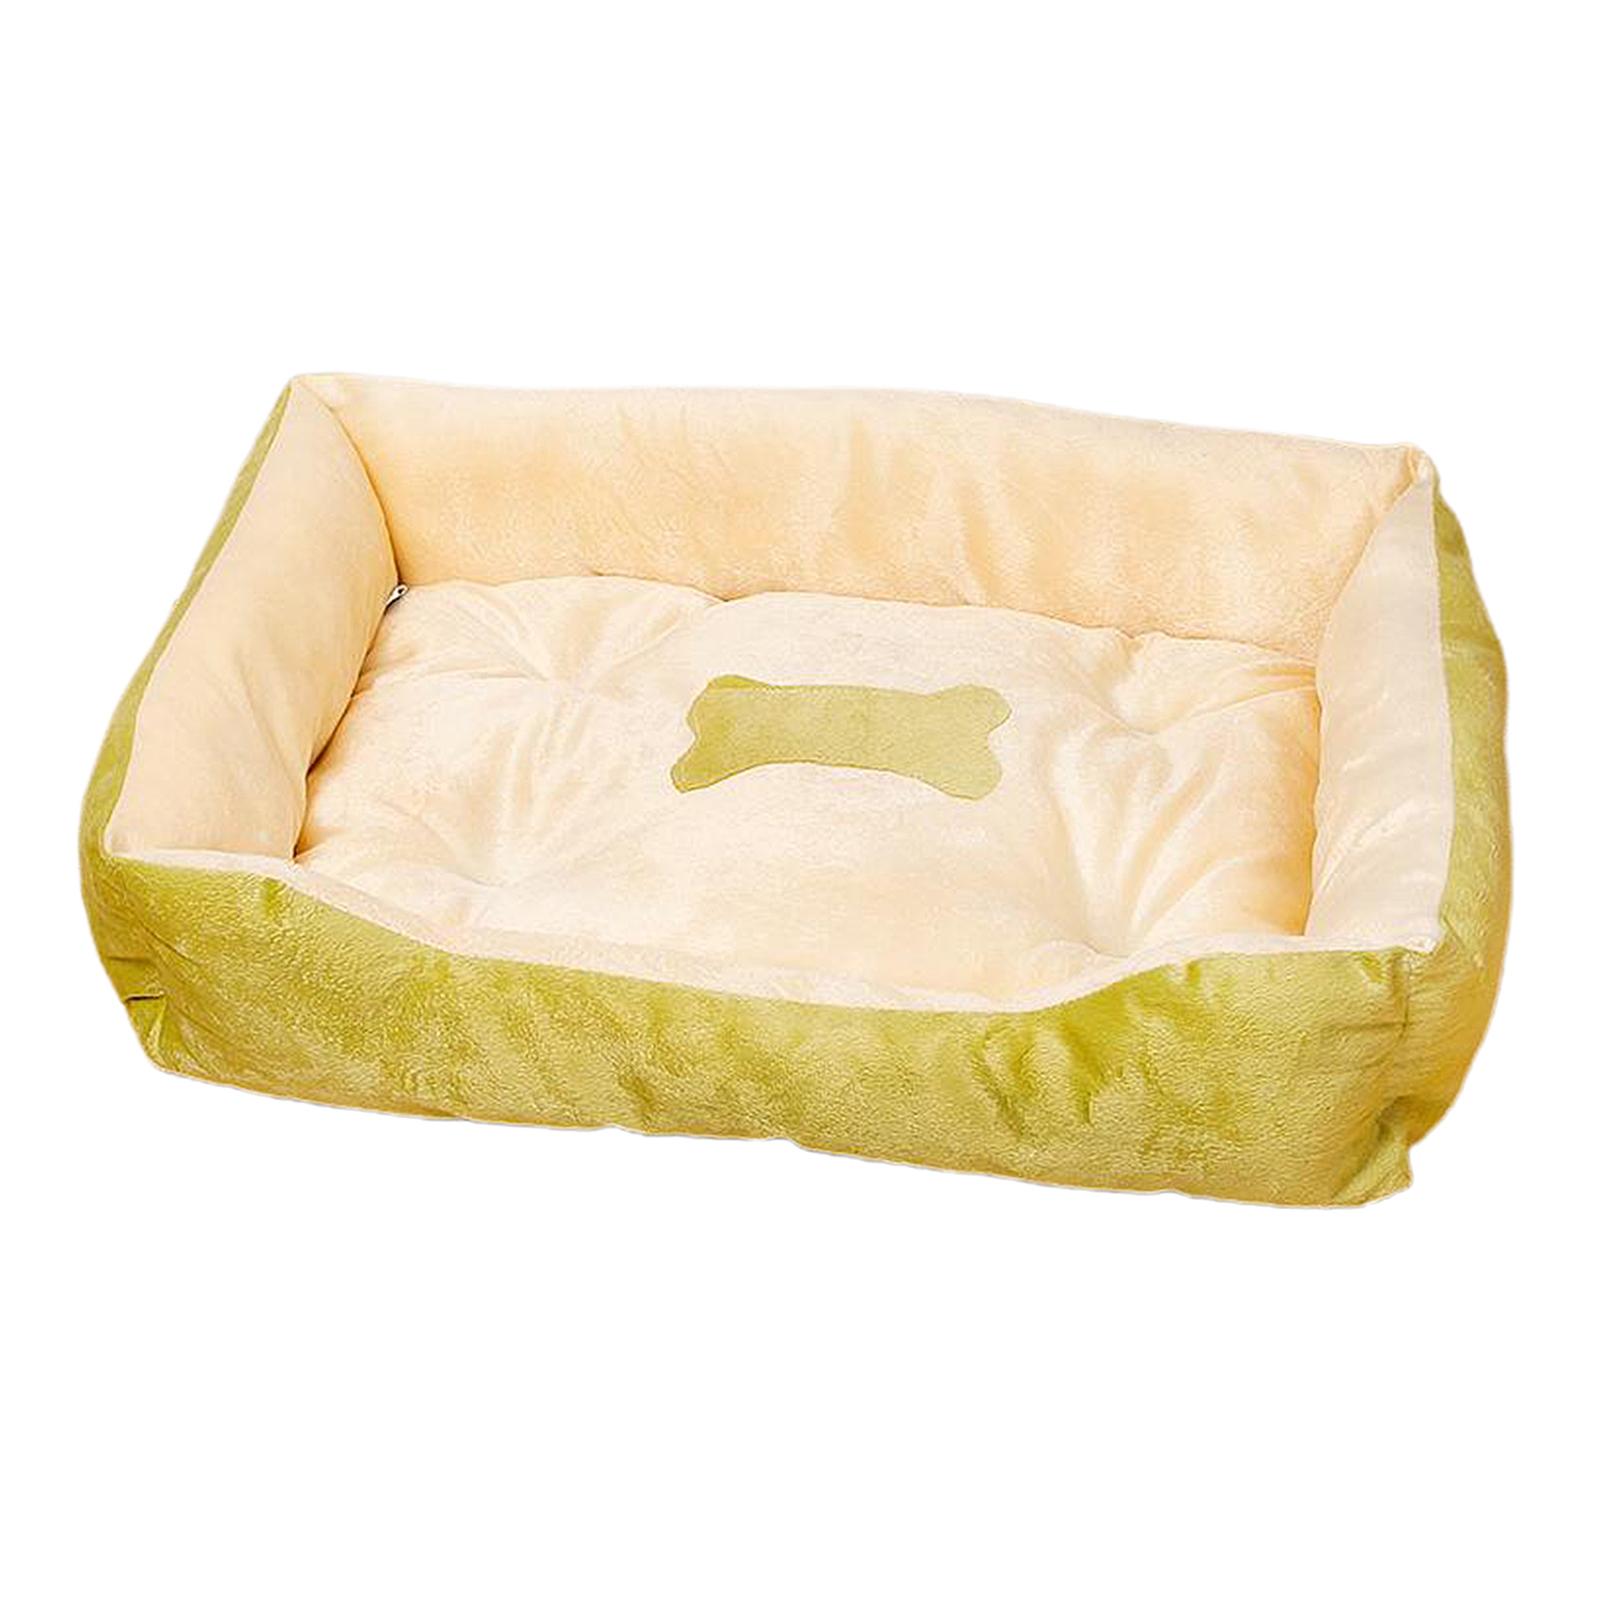 Indexbild 24 - Katze-Hund-Bett-Pet-Kissen-Betten-Haus-Schlaf-Soft-Warmen-Zwinger-Decke-Nest